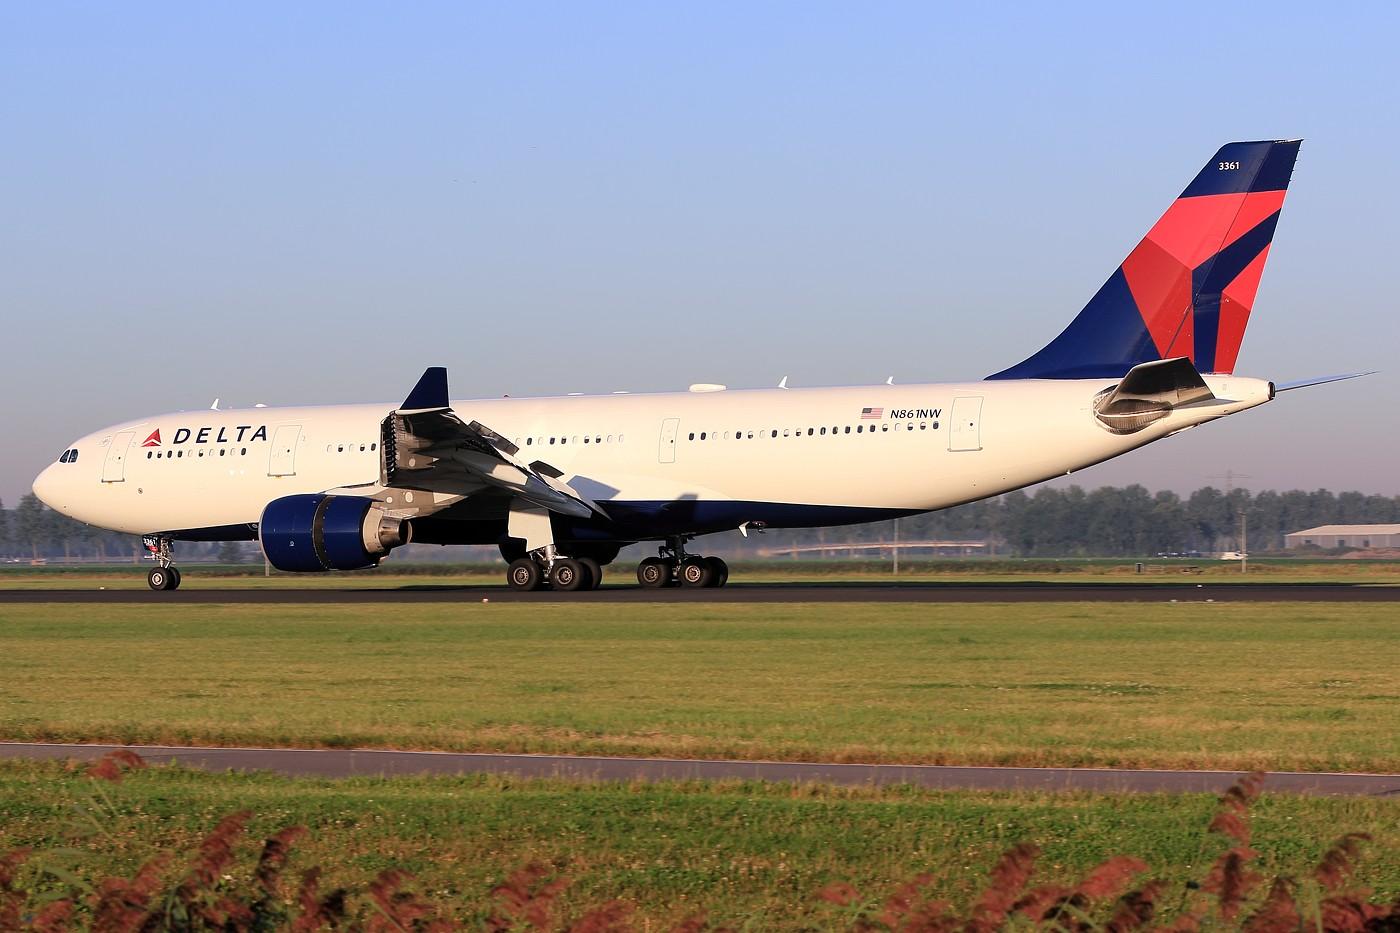 Re:[原创]【AMS】听说今天要发330?? AIRBUS A330-200 N861NW 荷兰阿姆斯特丹史基浦机场